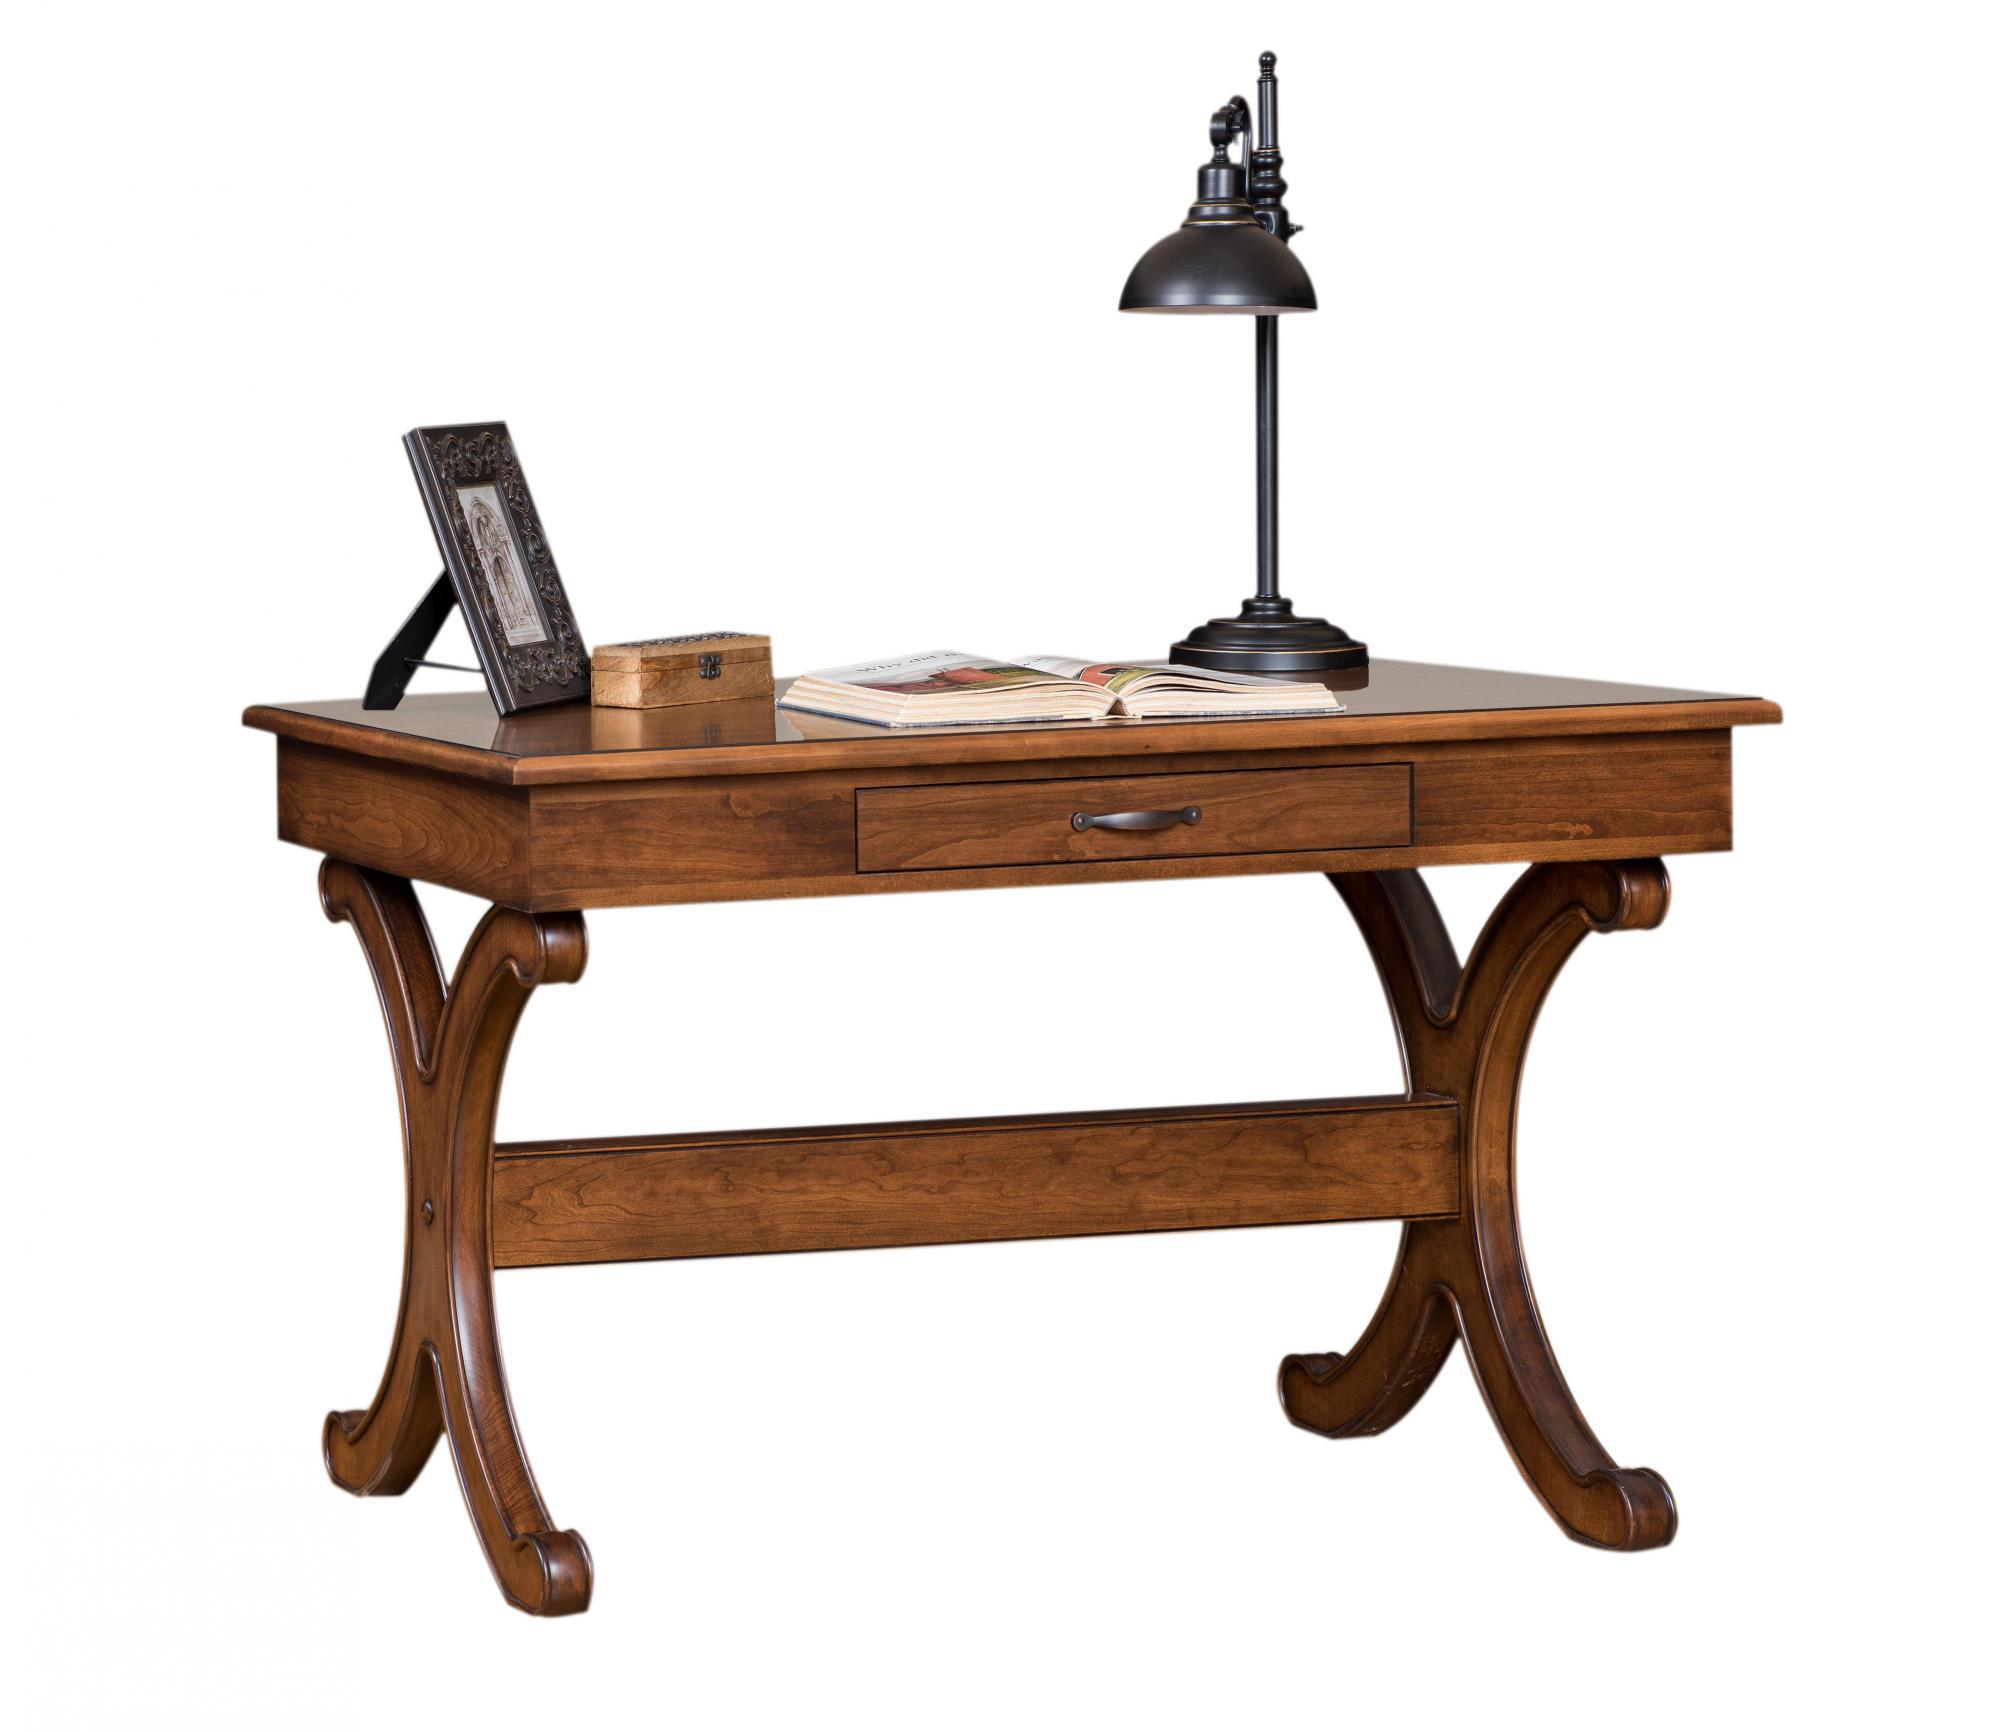 Hemingway Writer's Desk